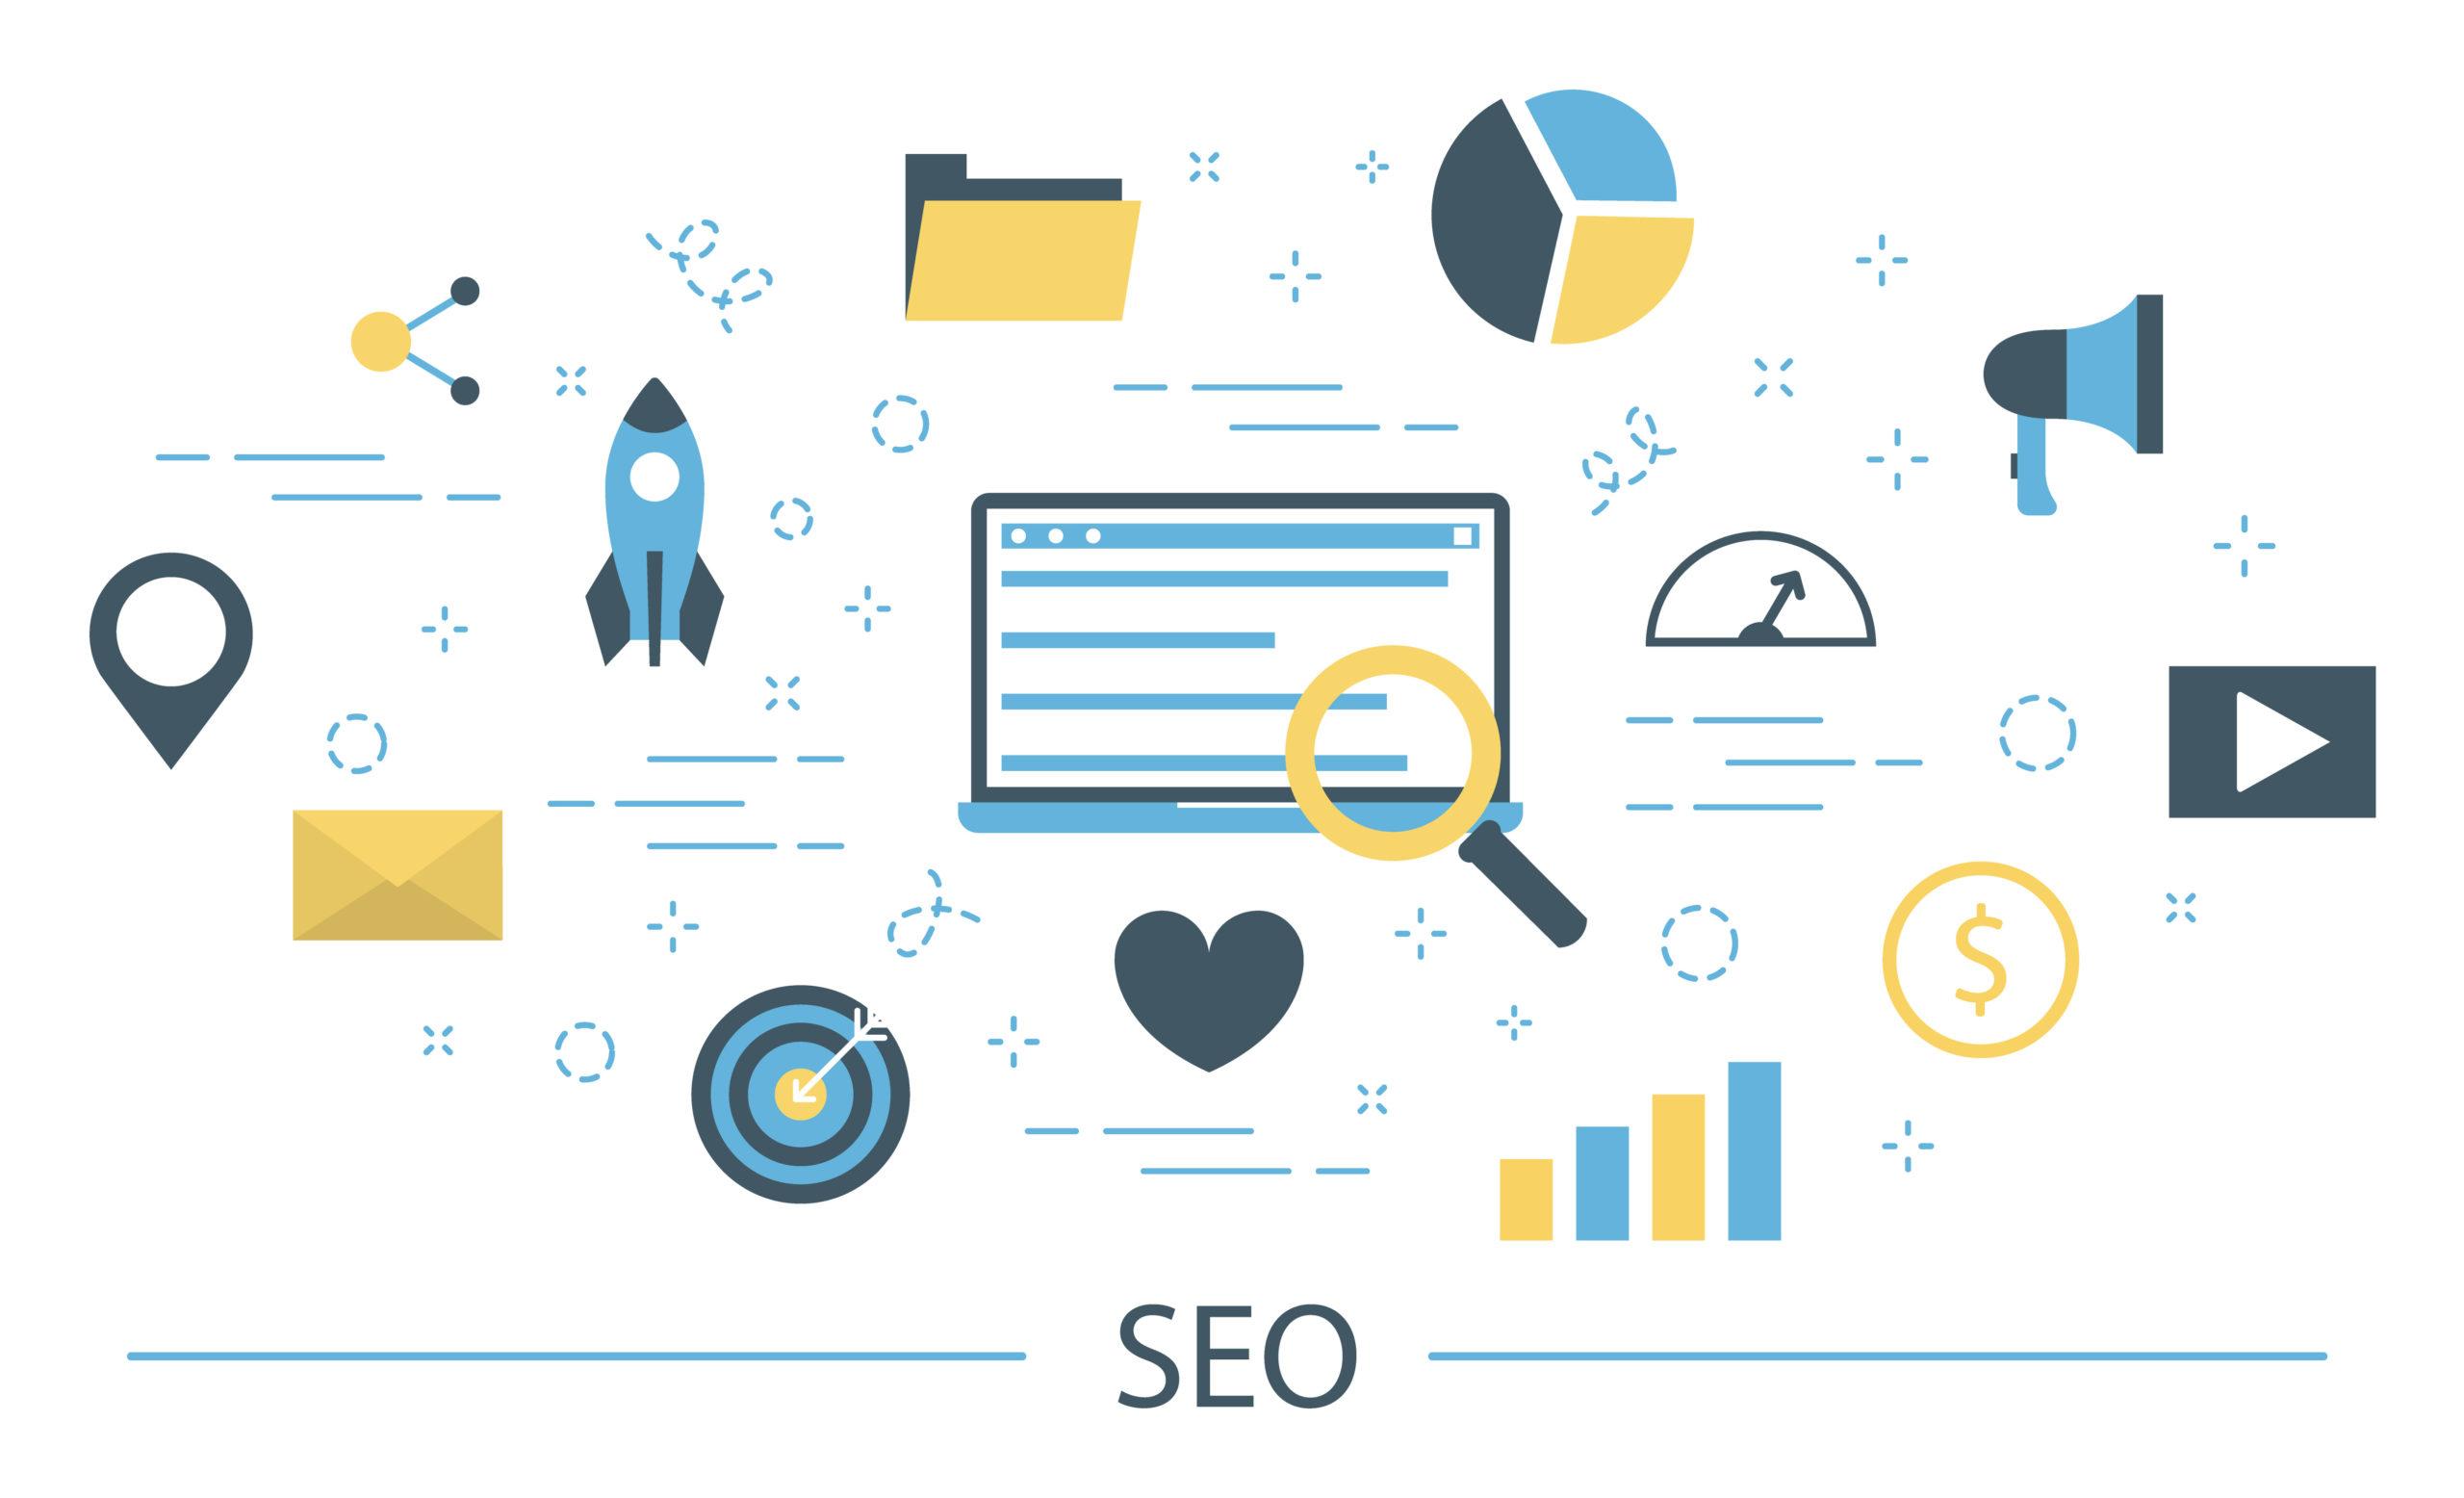 Icones représentant divers aspects de l'optimisation pour le web